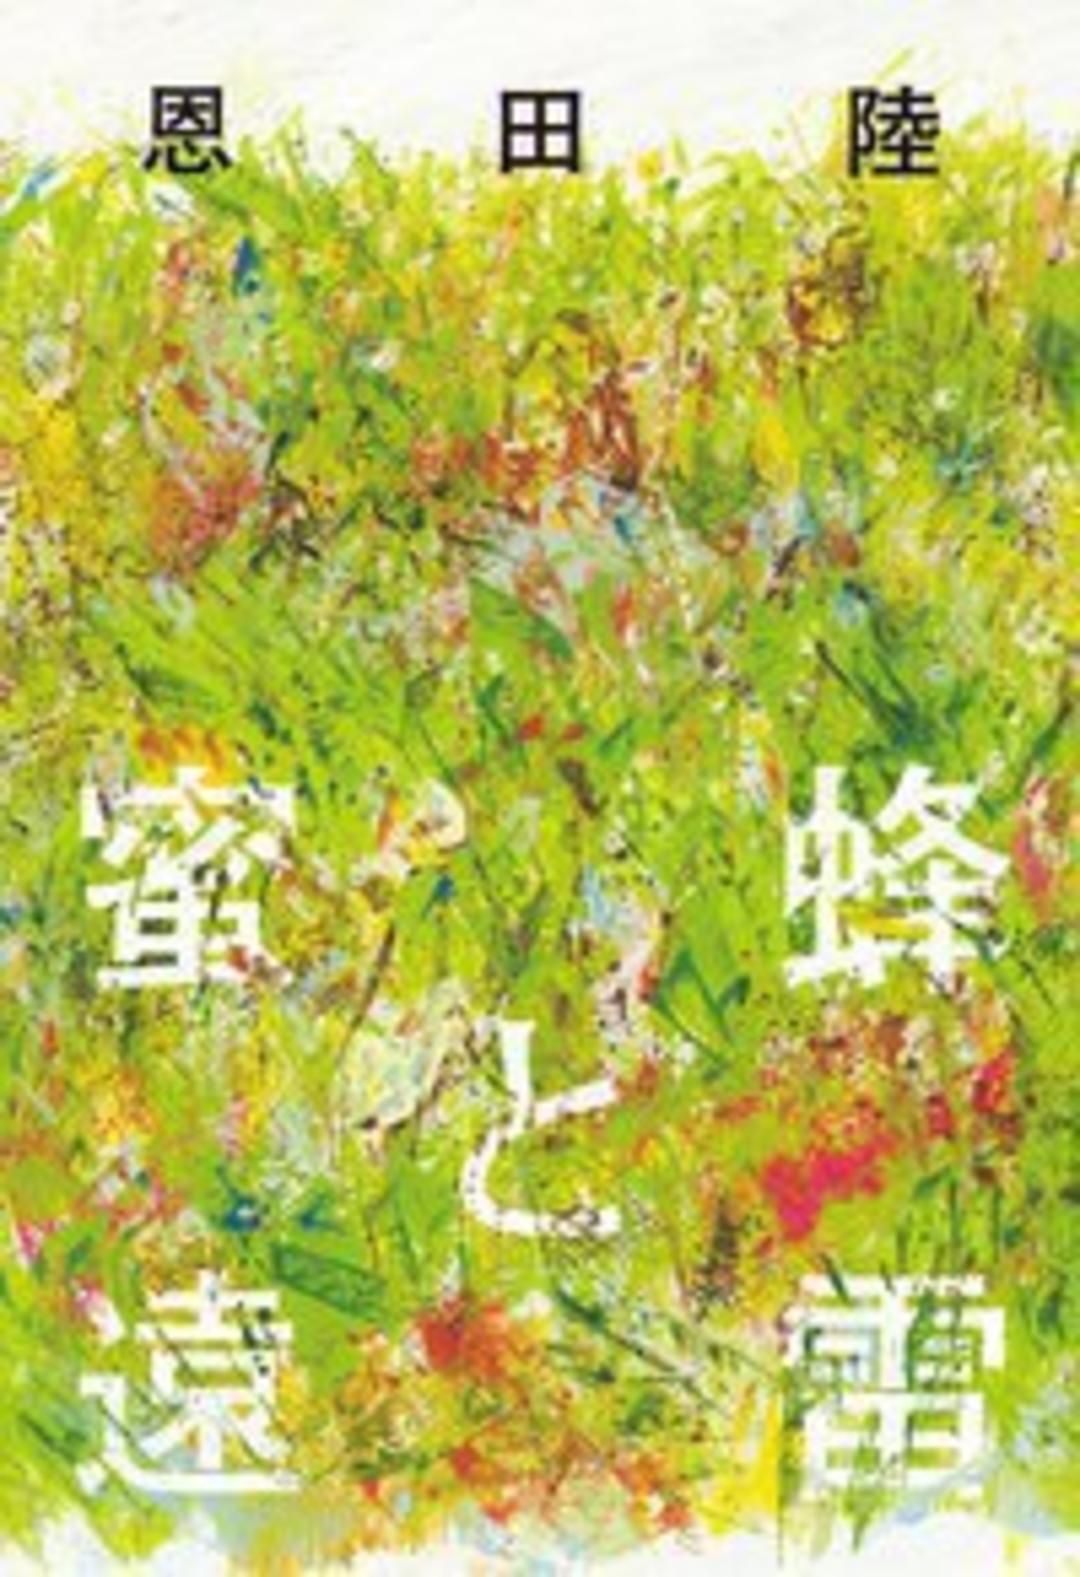 【平成28年下半期】気になる実写版映画は今年秋公開!